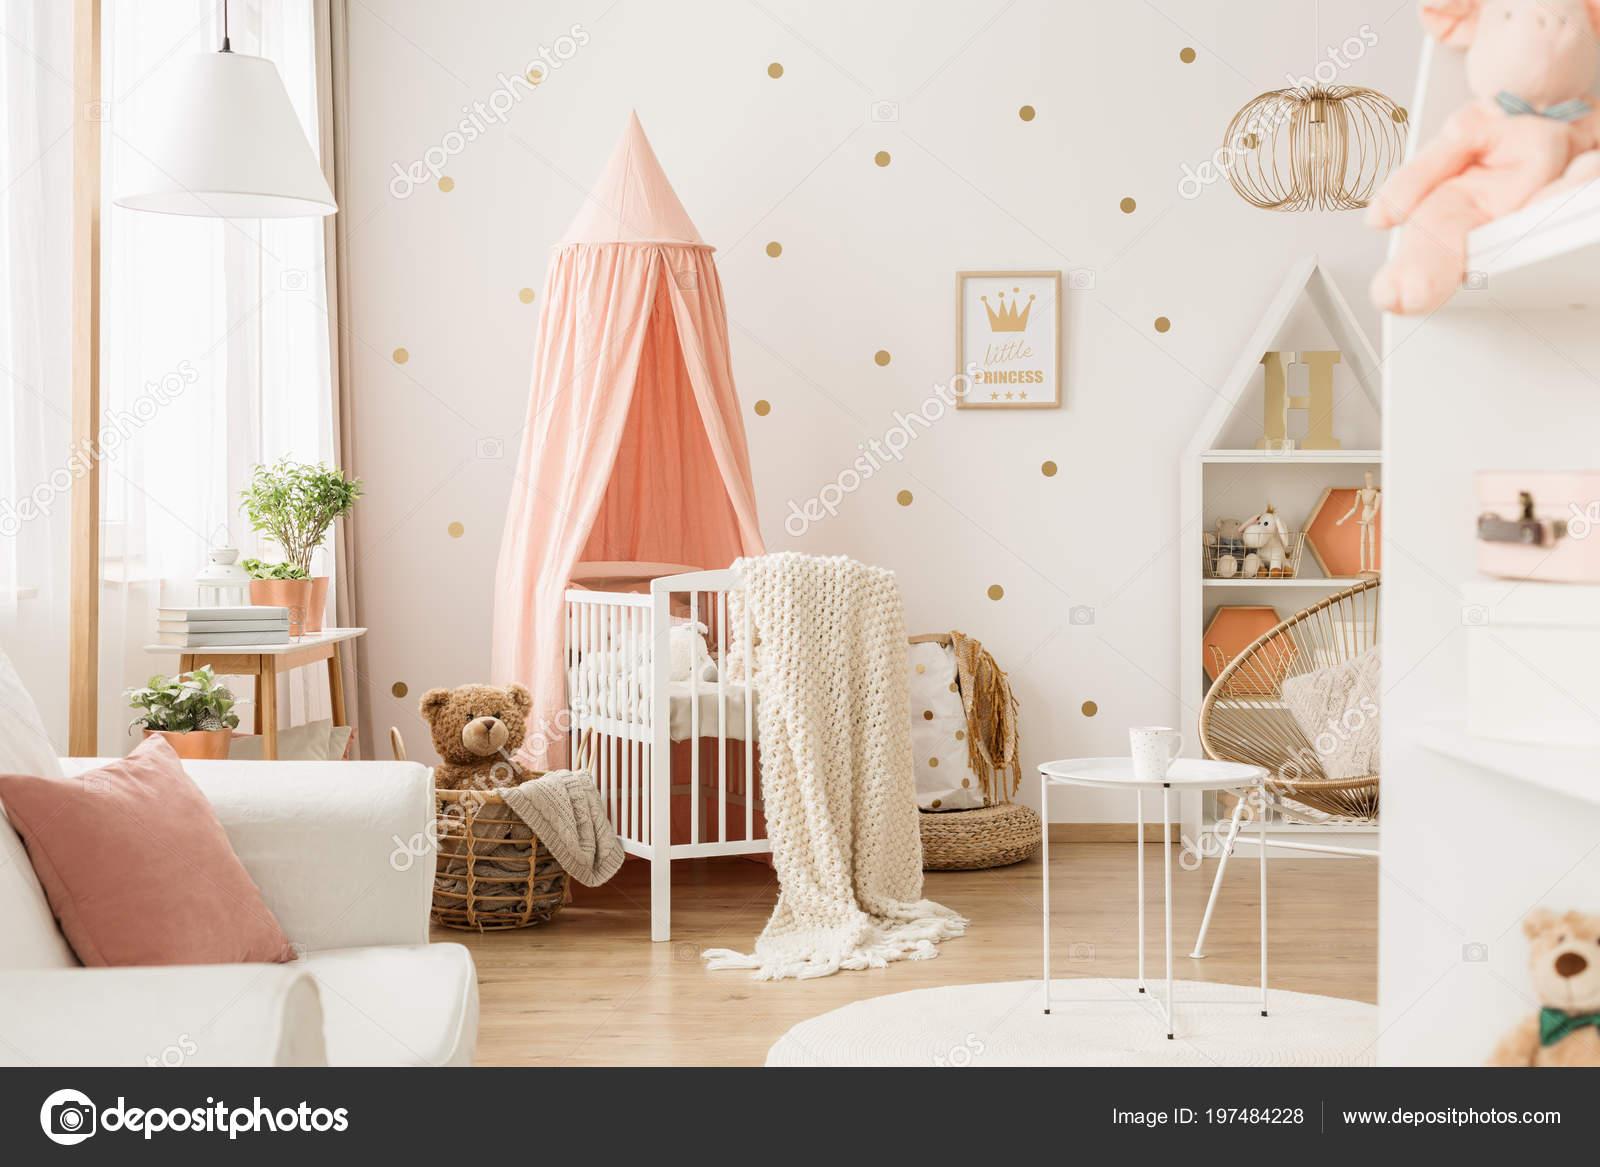 Helle Kinderzimmer Innenraum Mit Weissen Krippe Dekoration